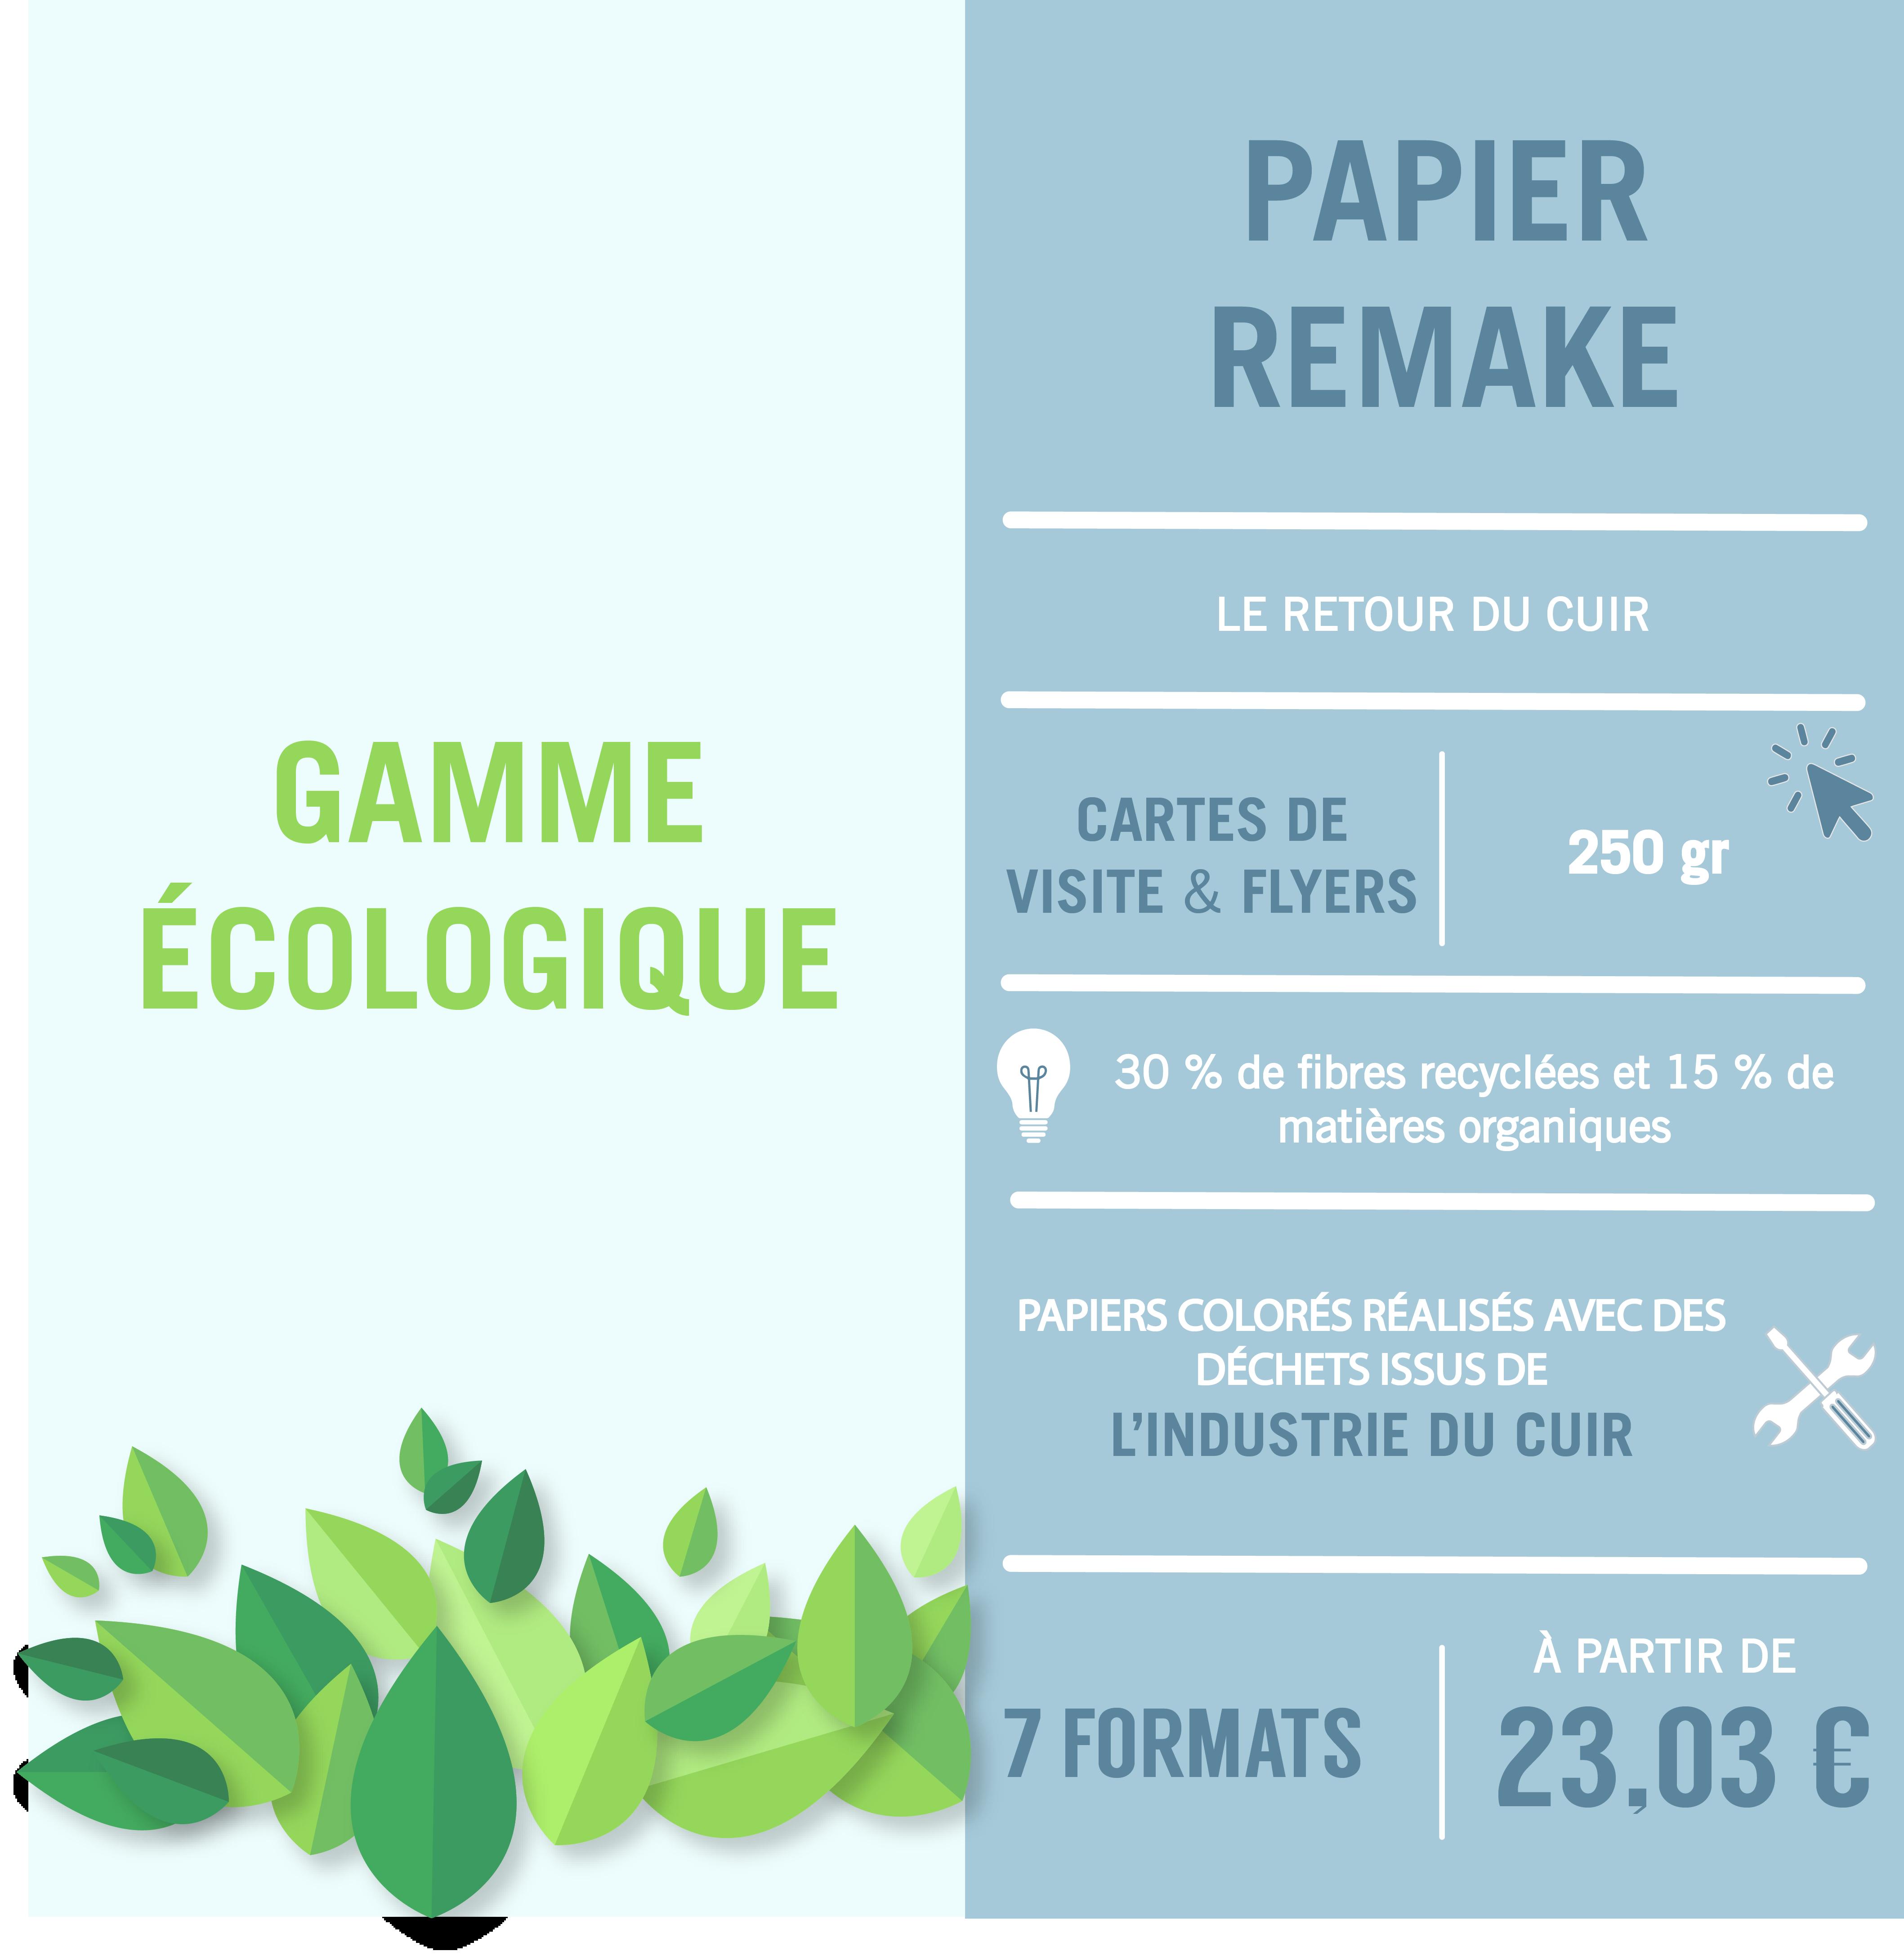 papier écologique papier remake